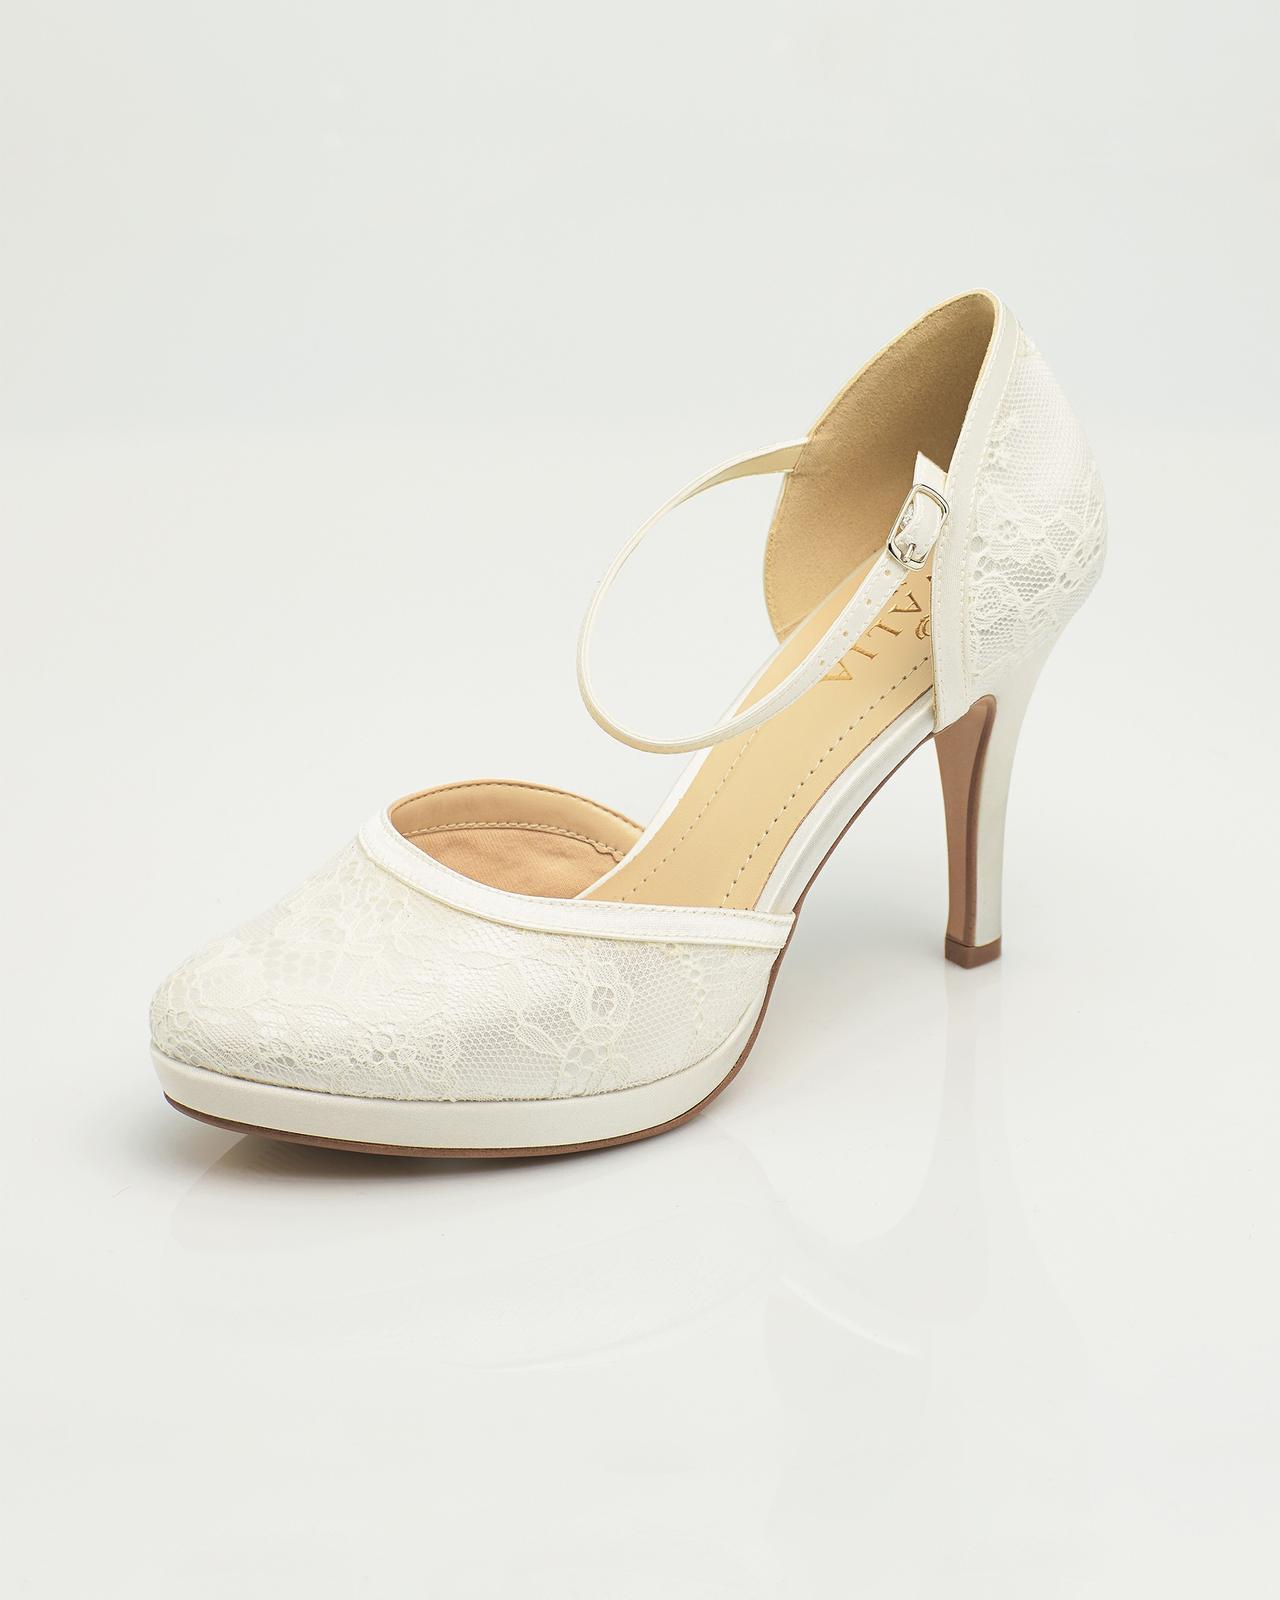 Svadobné topánky Maya - Obrázok č. 1